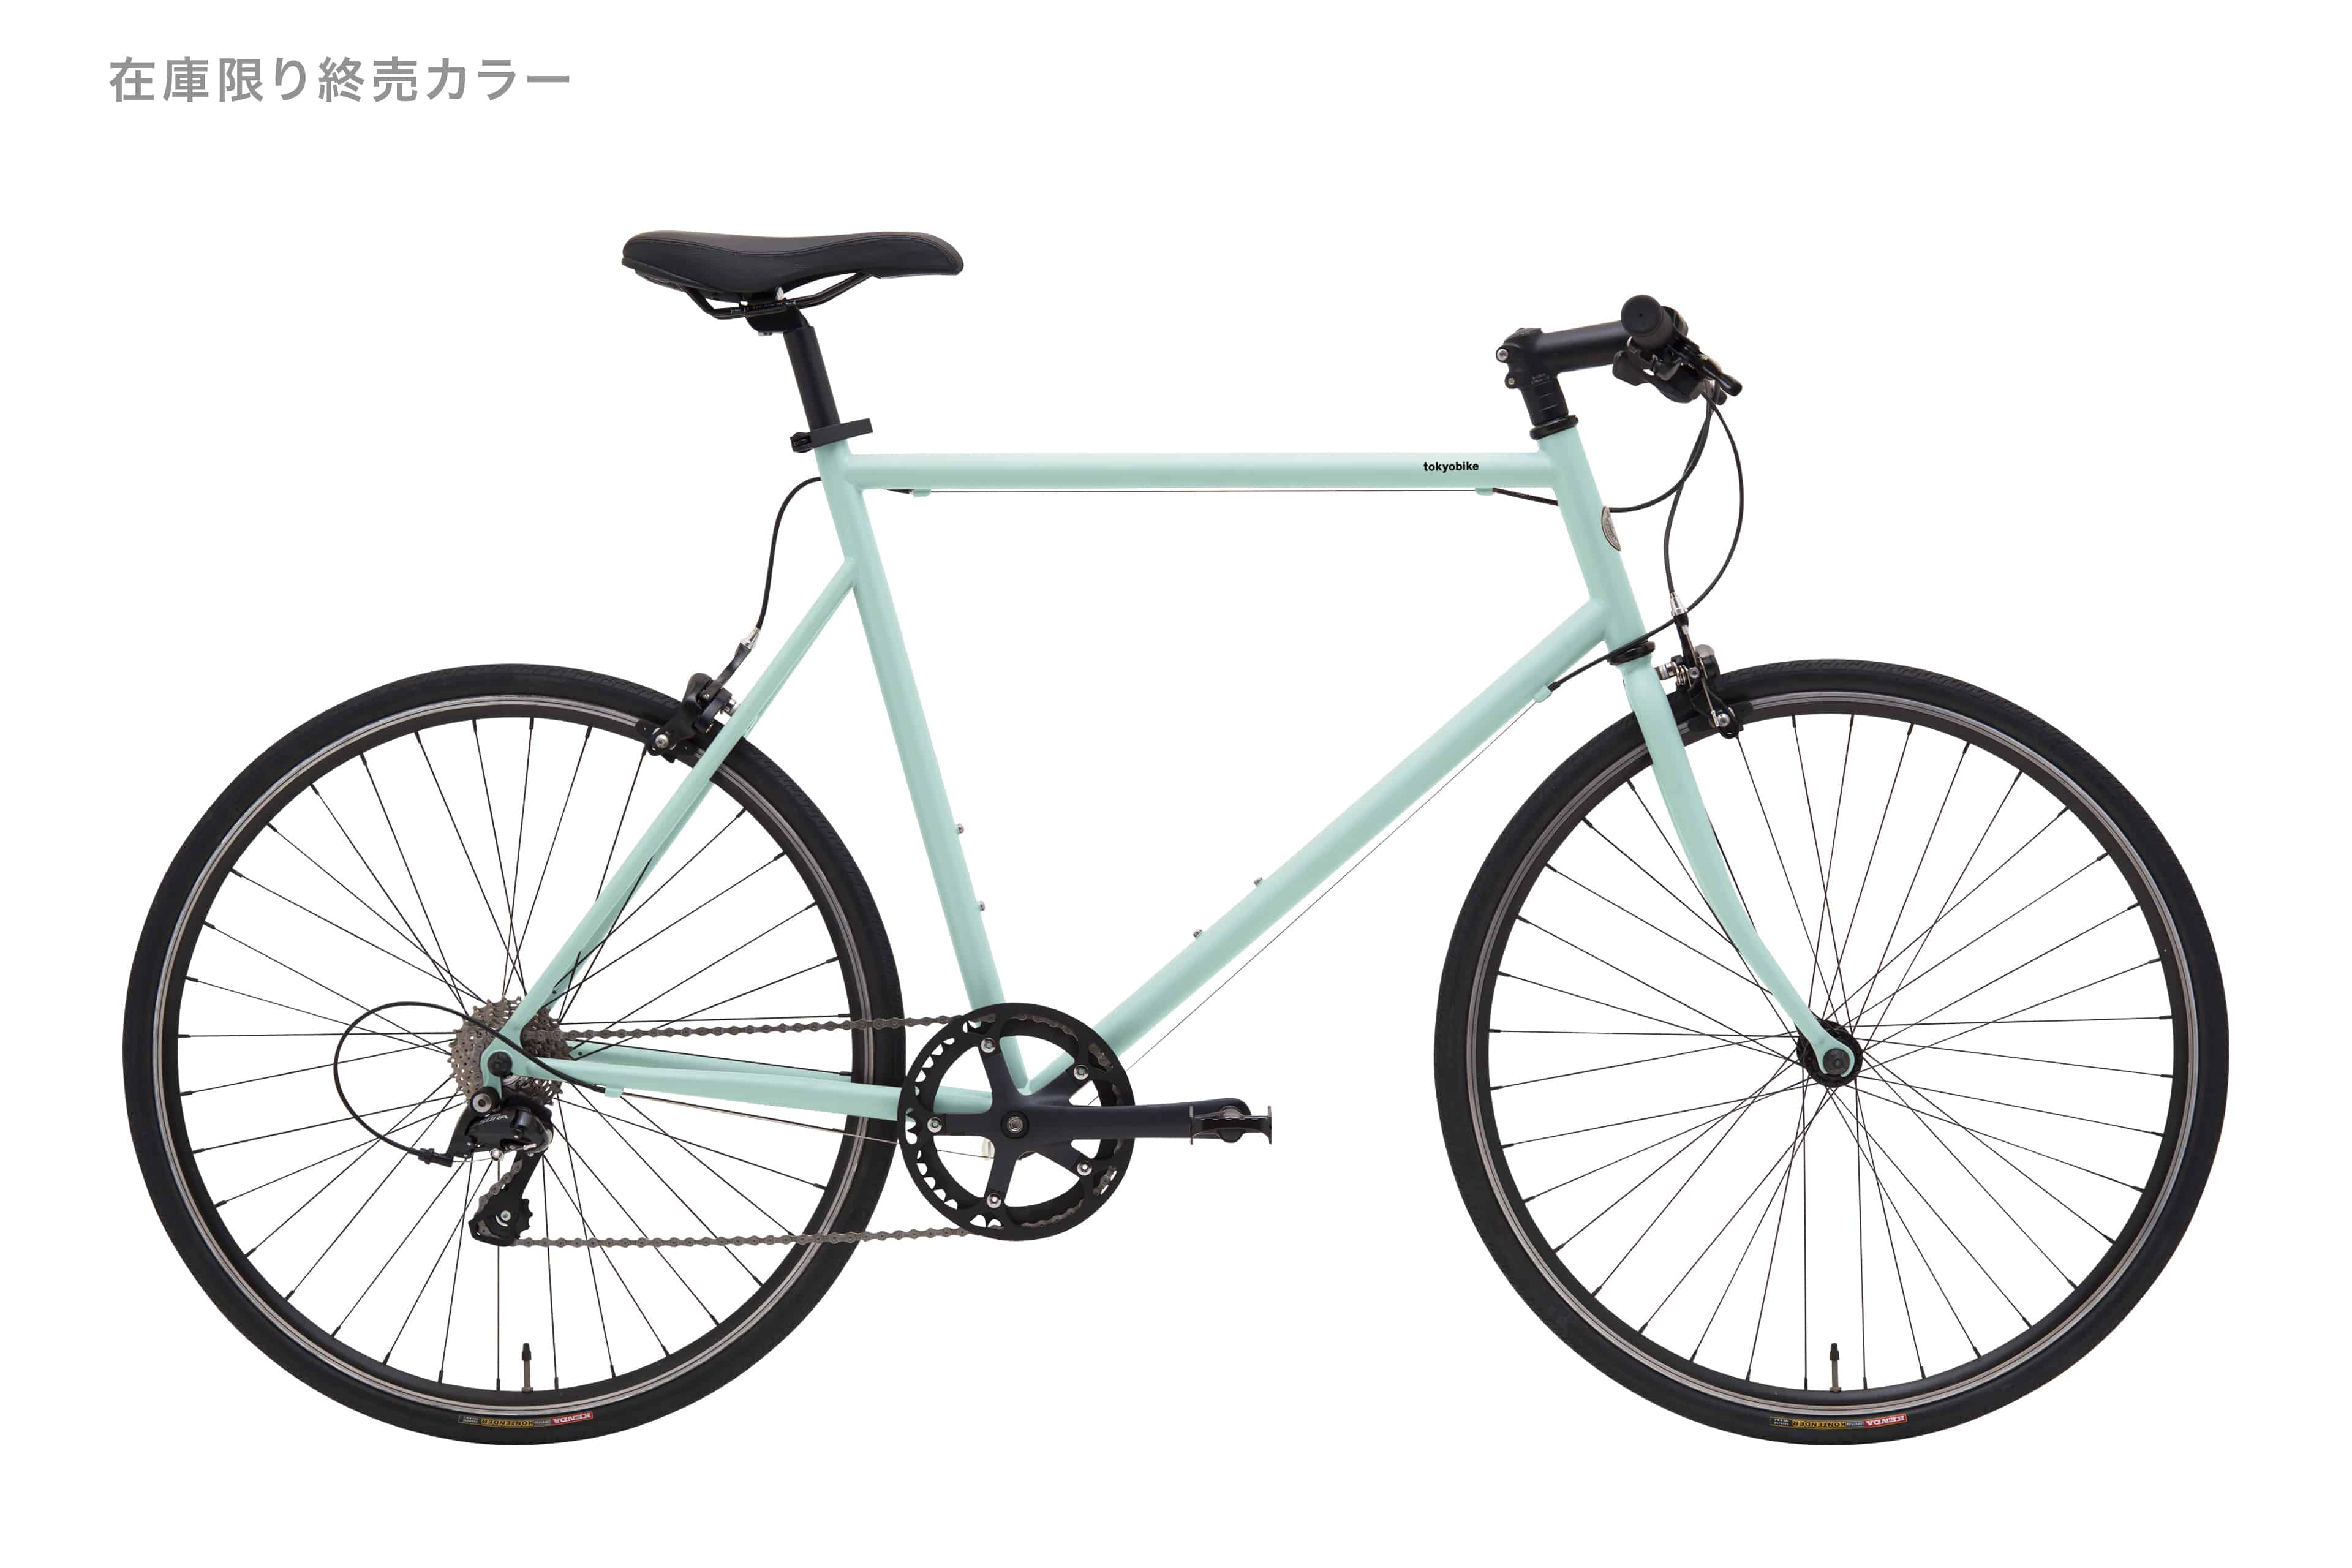 クロスバイク TOKYOBIKE SPORT 9s